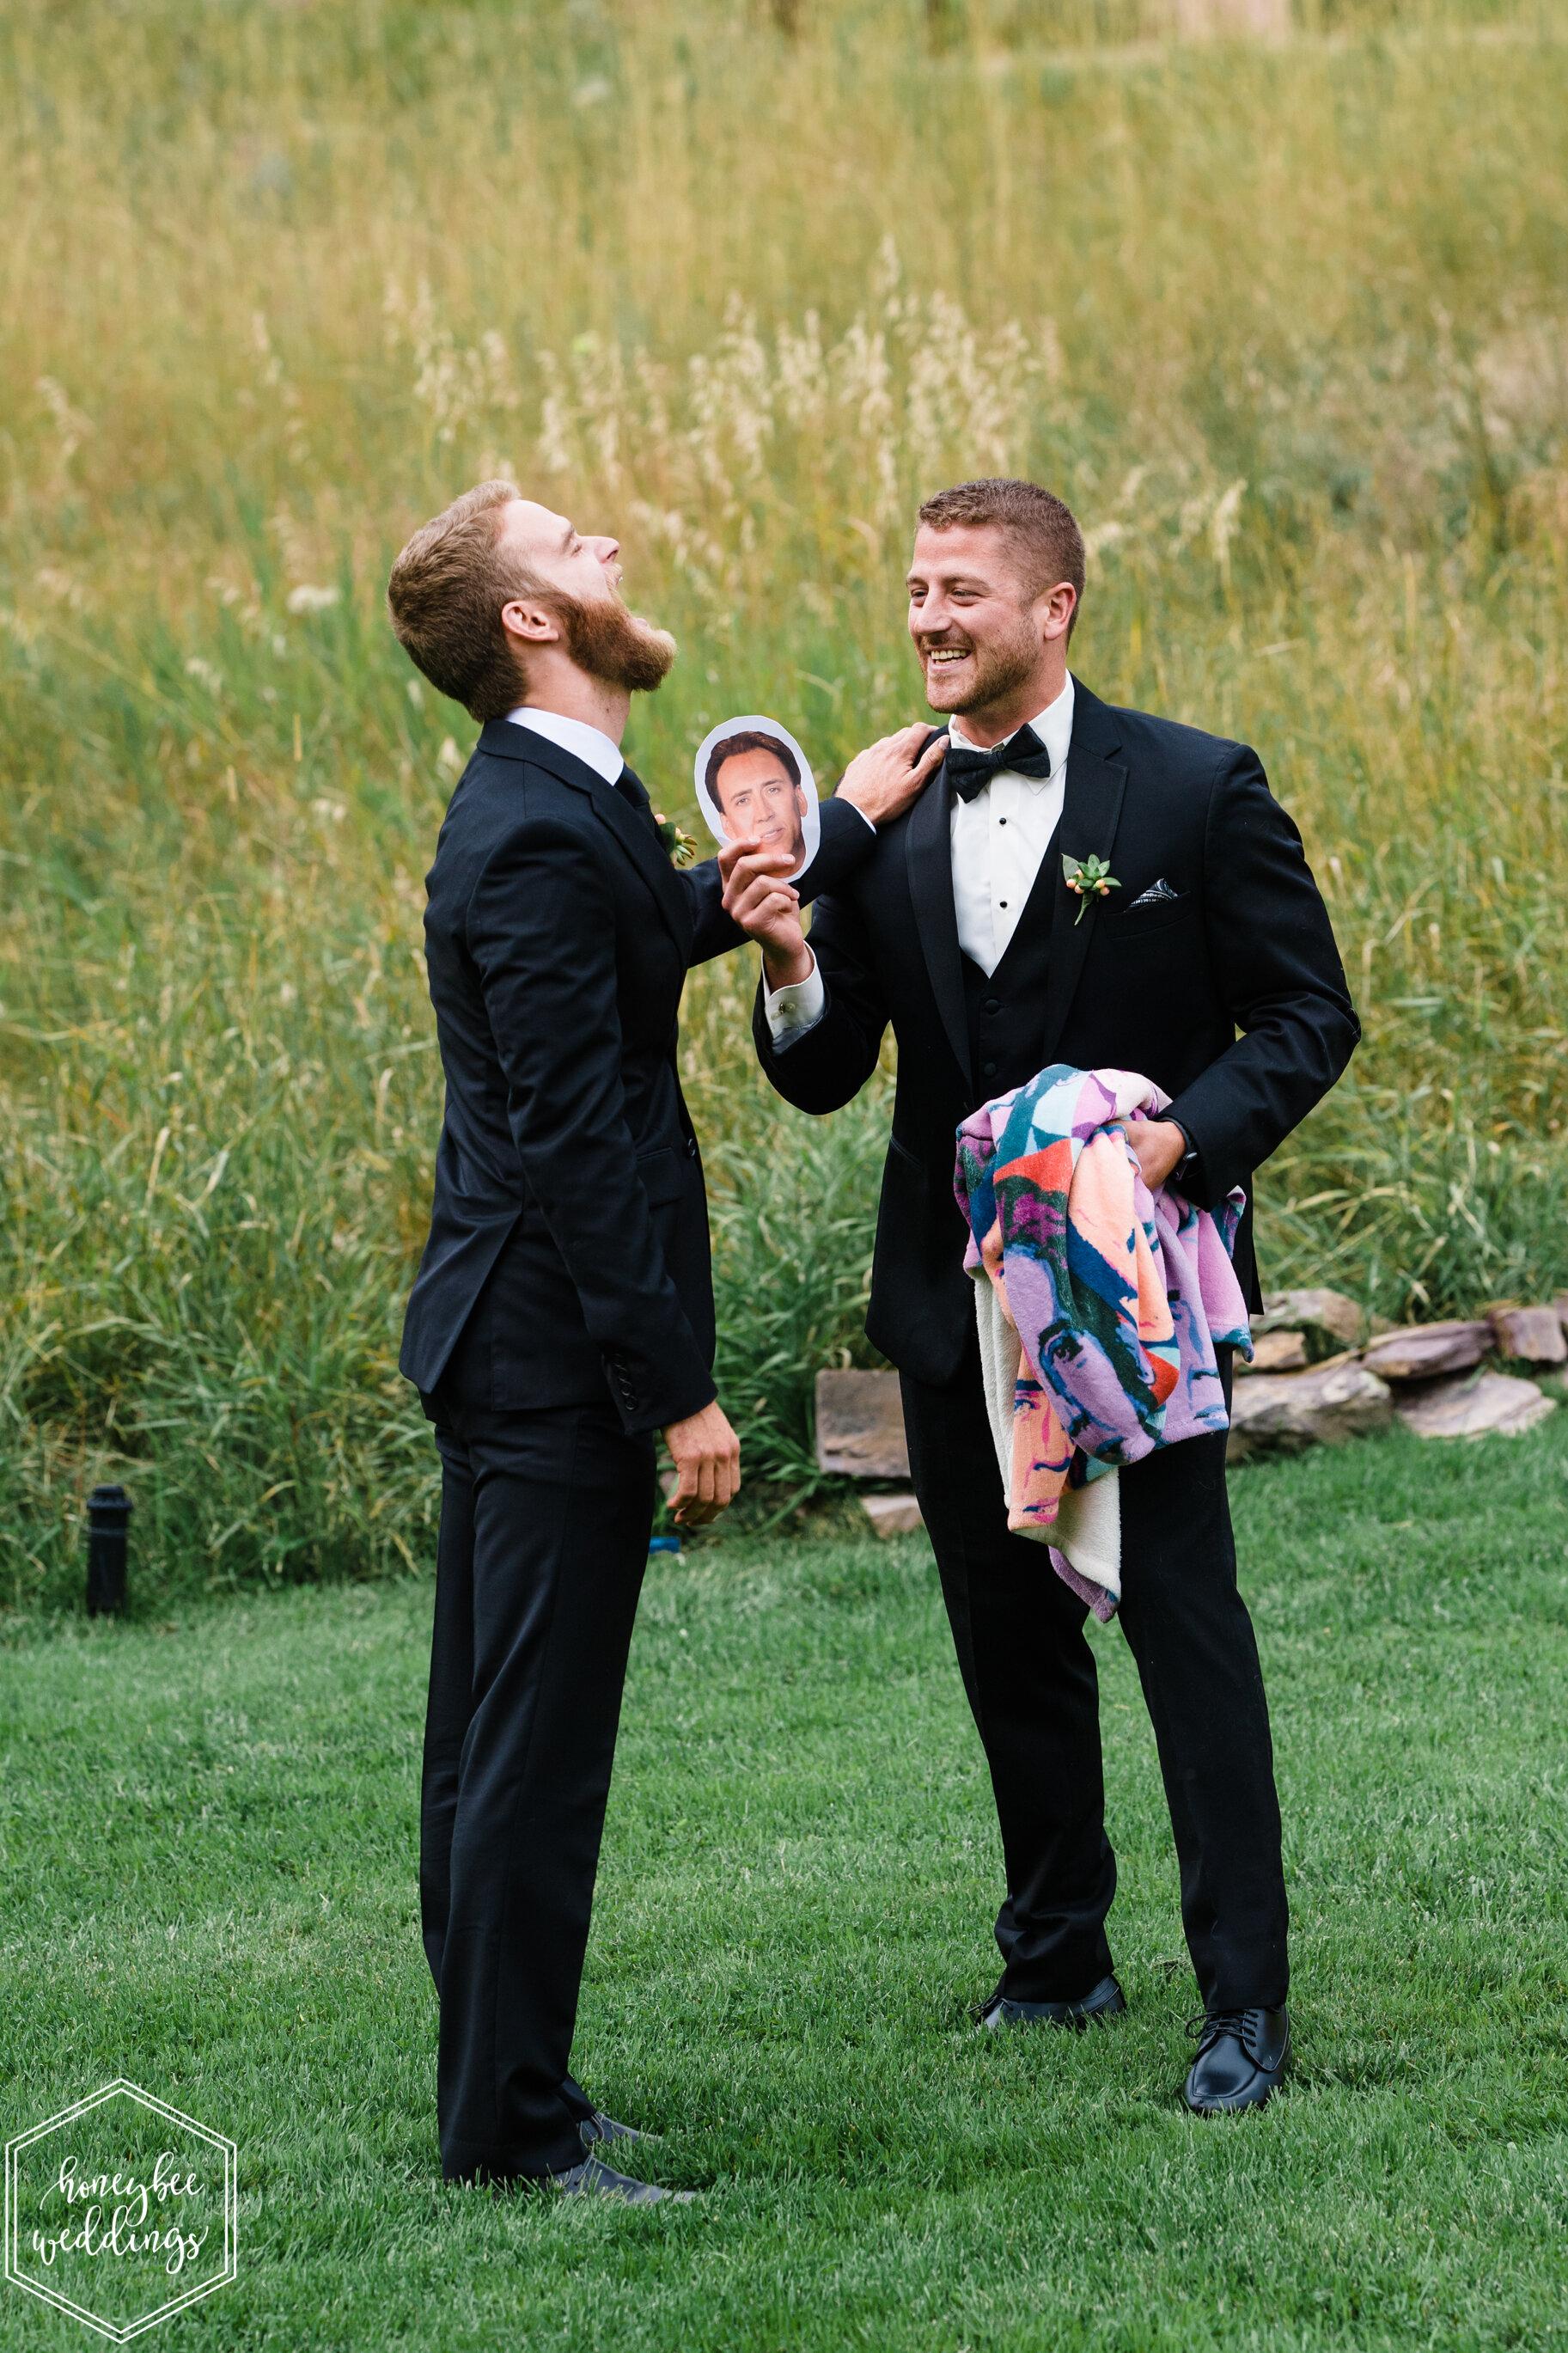 022White Raven Wedding_Montana Wedding Photographer_Corey & Corey_Honeybee Weddings_September 06, 2019-2080.jpg